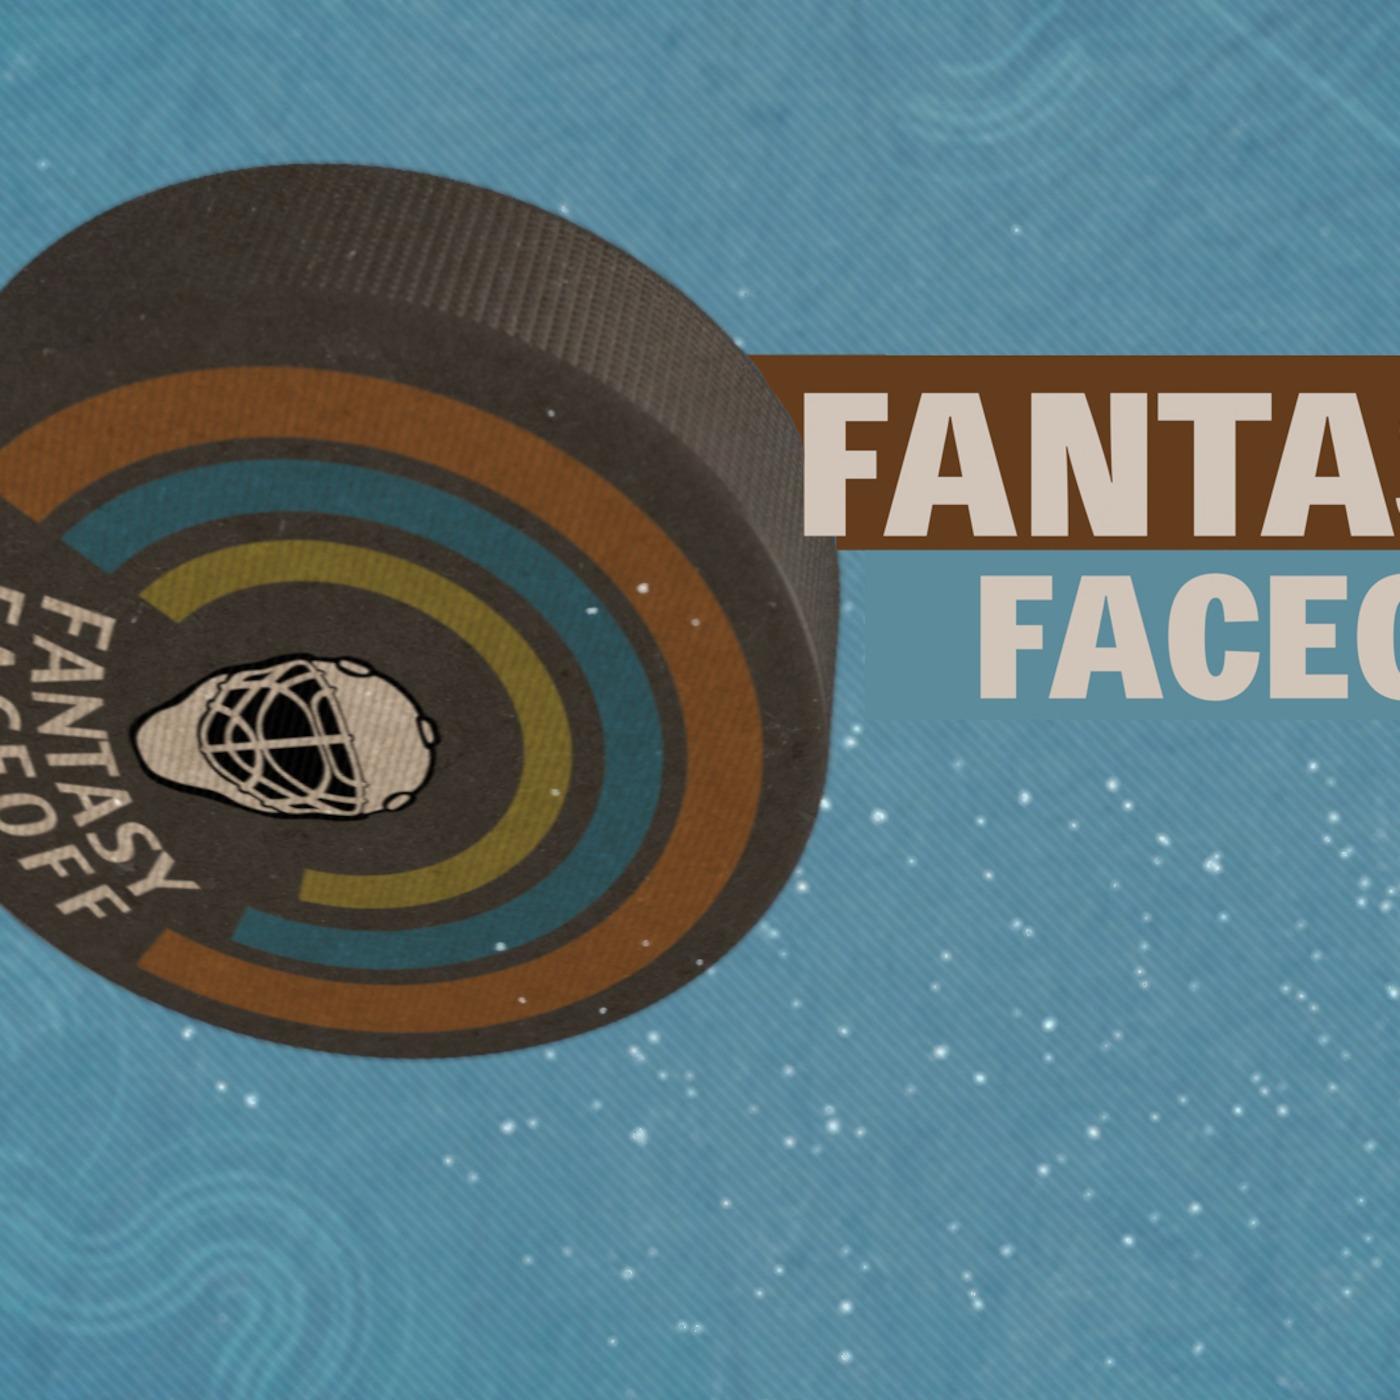 Fantasy Faceoff